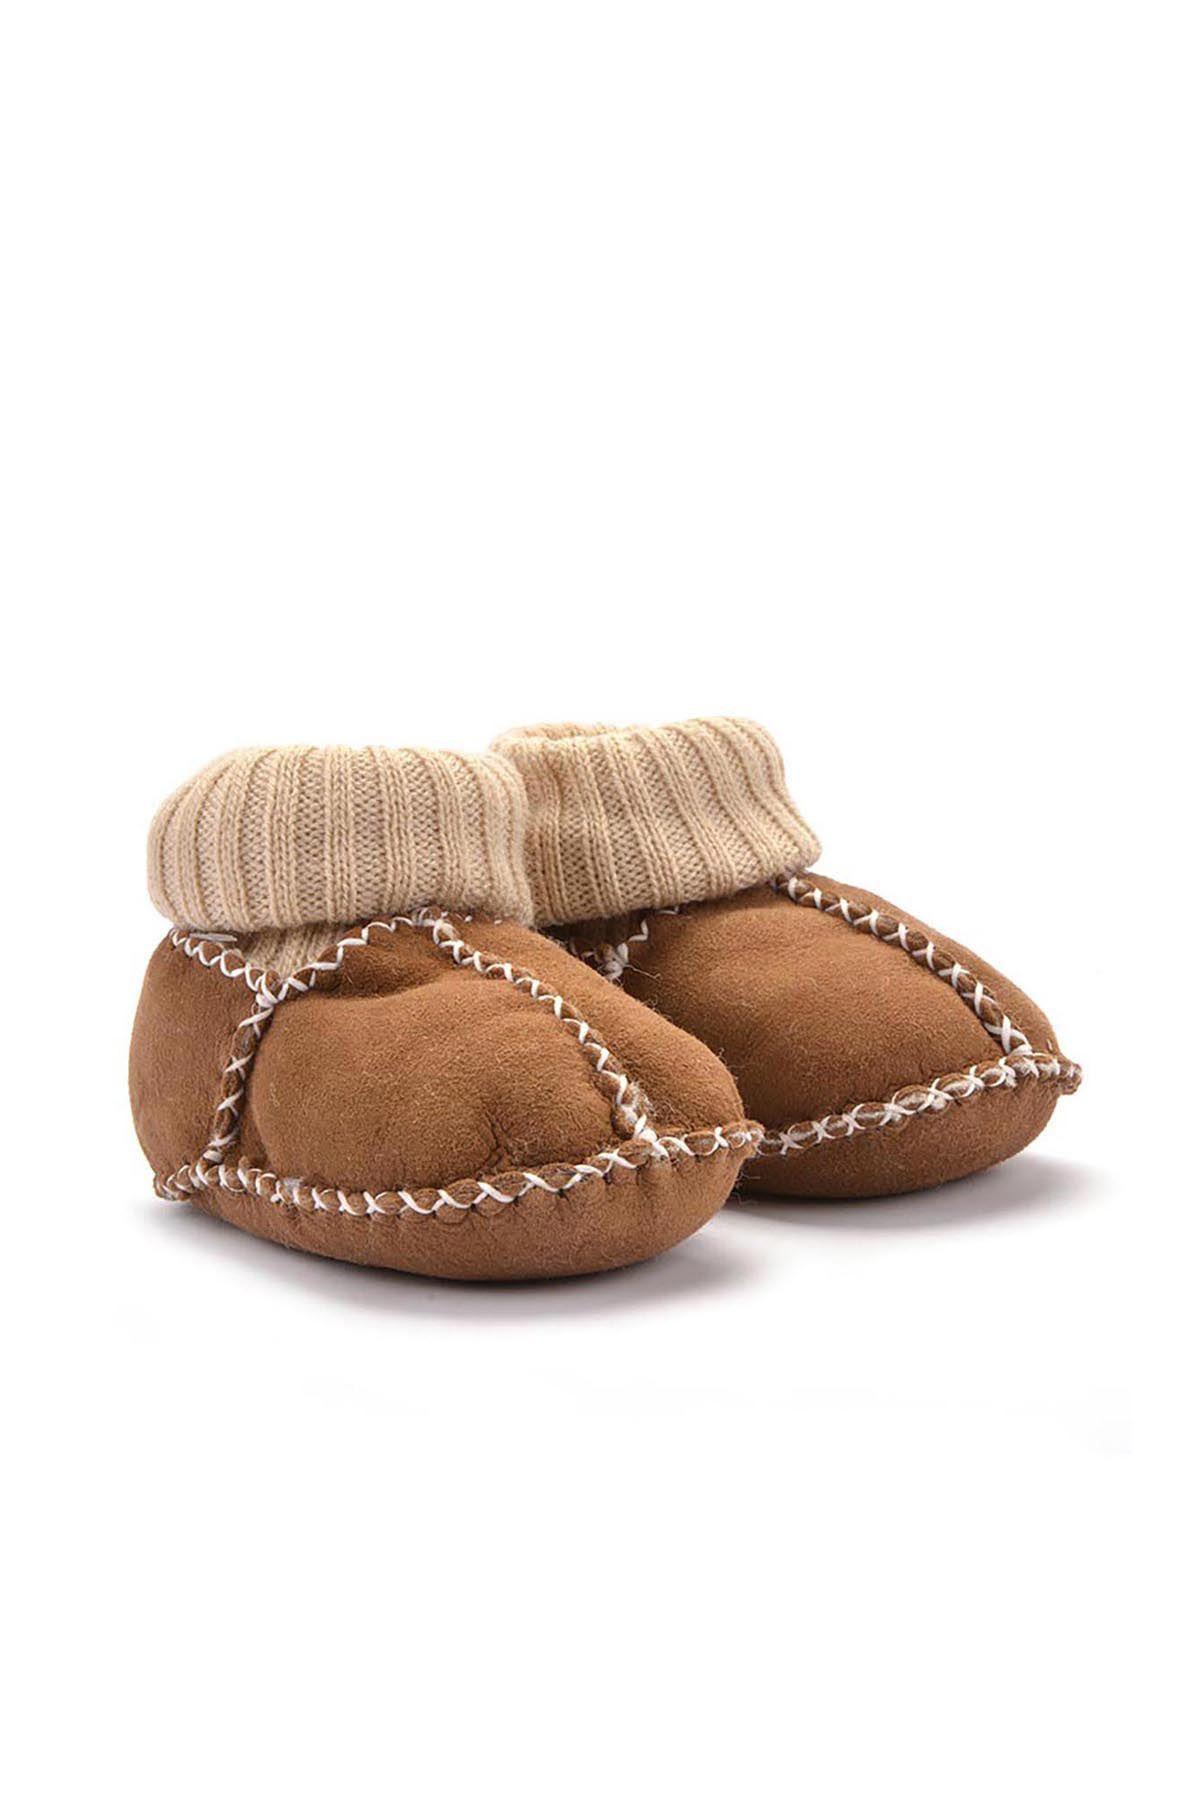 Pegia Hakiki Kürklü Çoraplı Bebek Patiği 141006 Kahve